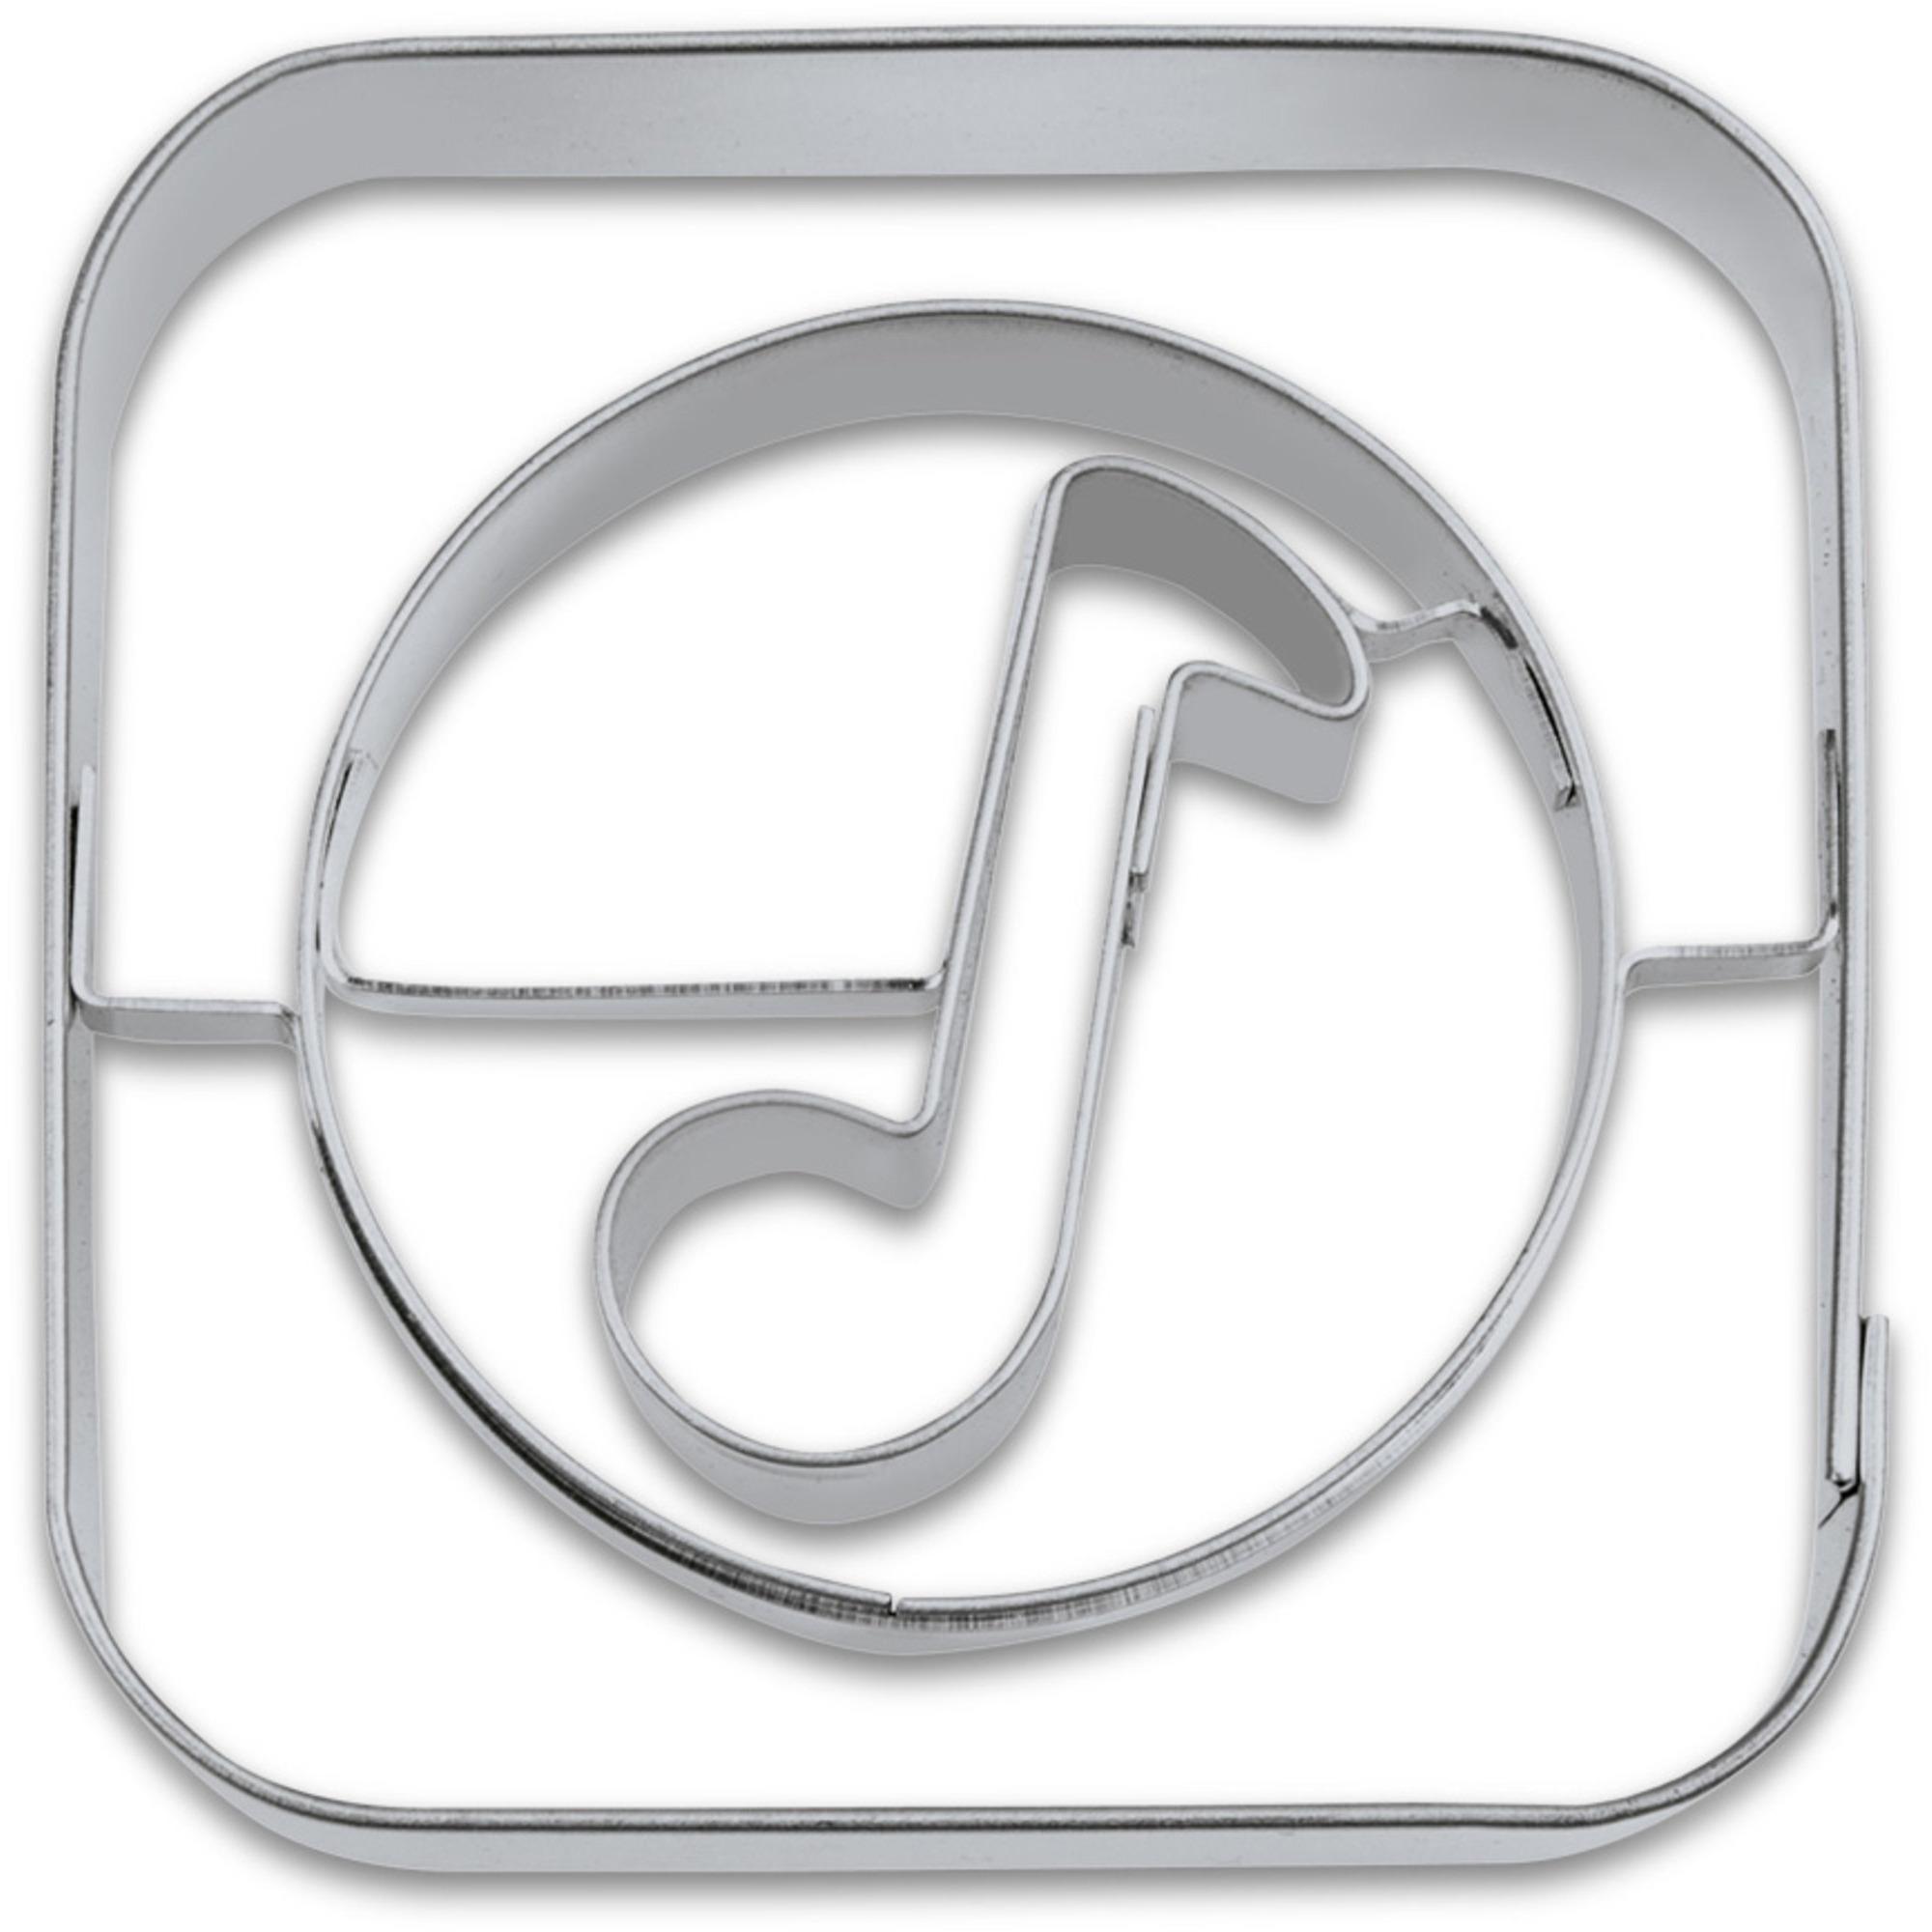 Städter Kakform Utstickare App Musik